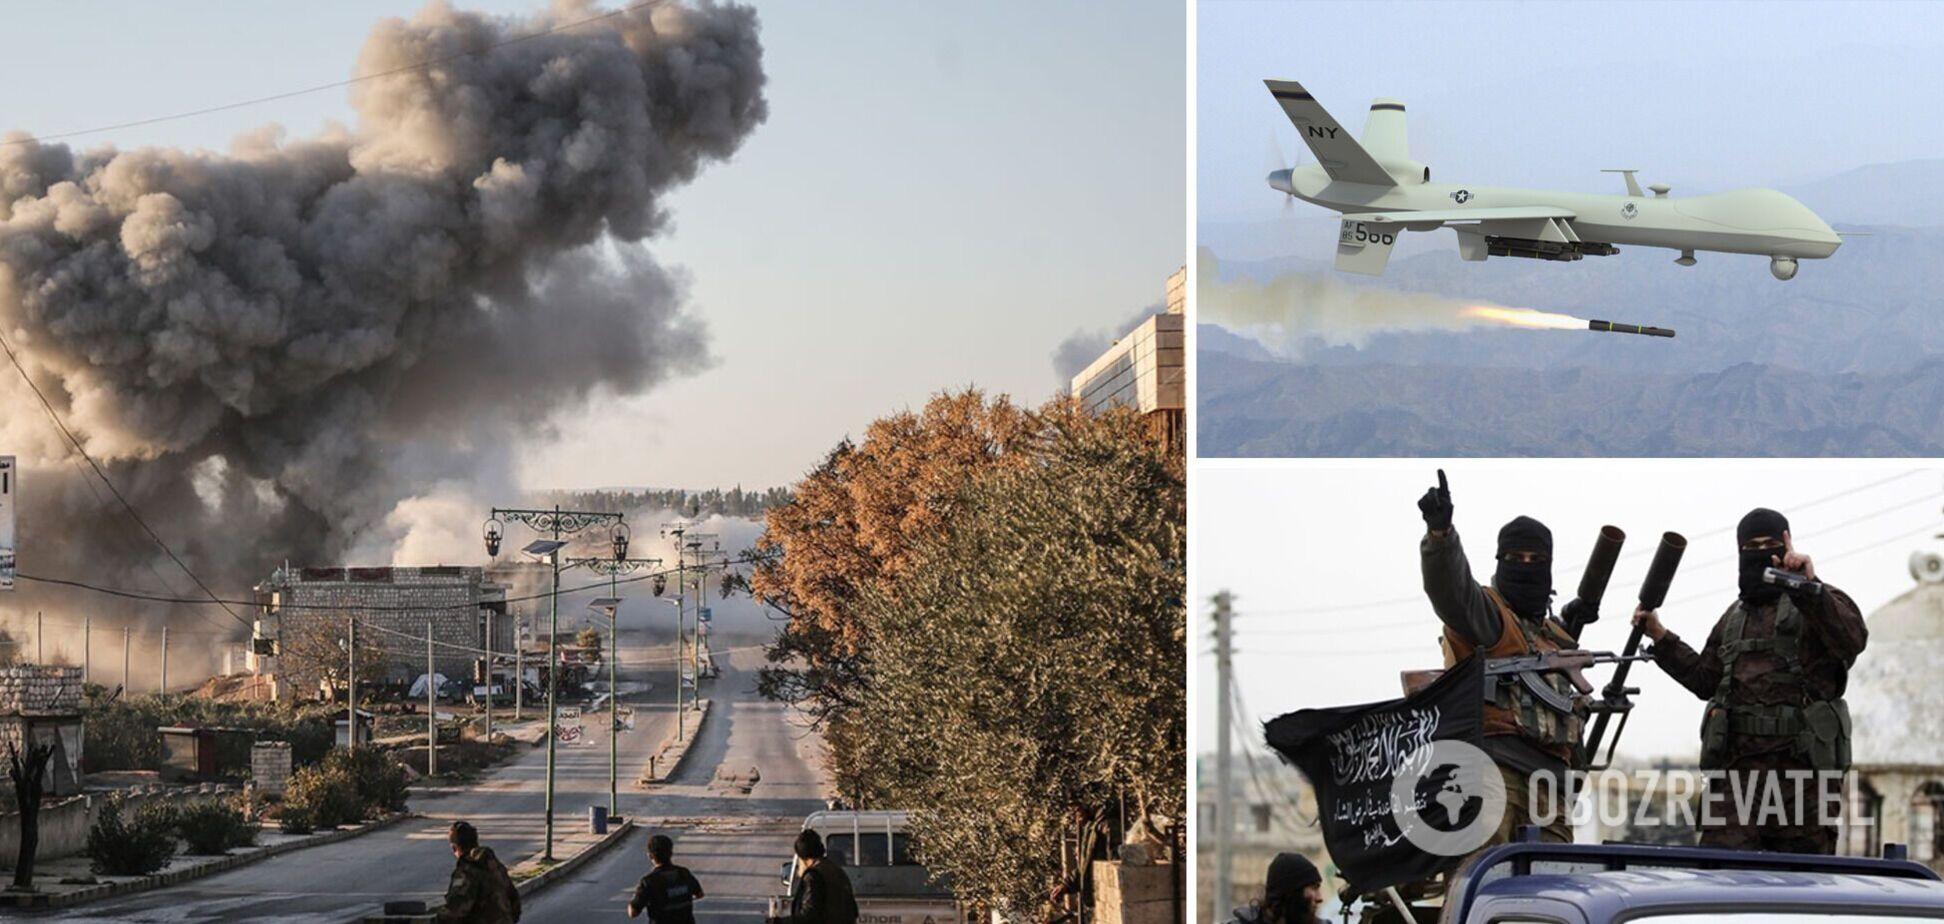 США заявили про ліквідацію лідера 'Аль-Каїди' в Сирії: було нанесено авіаудар